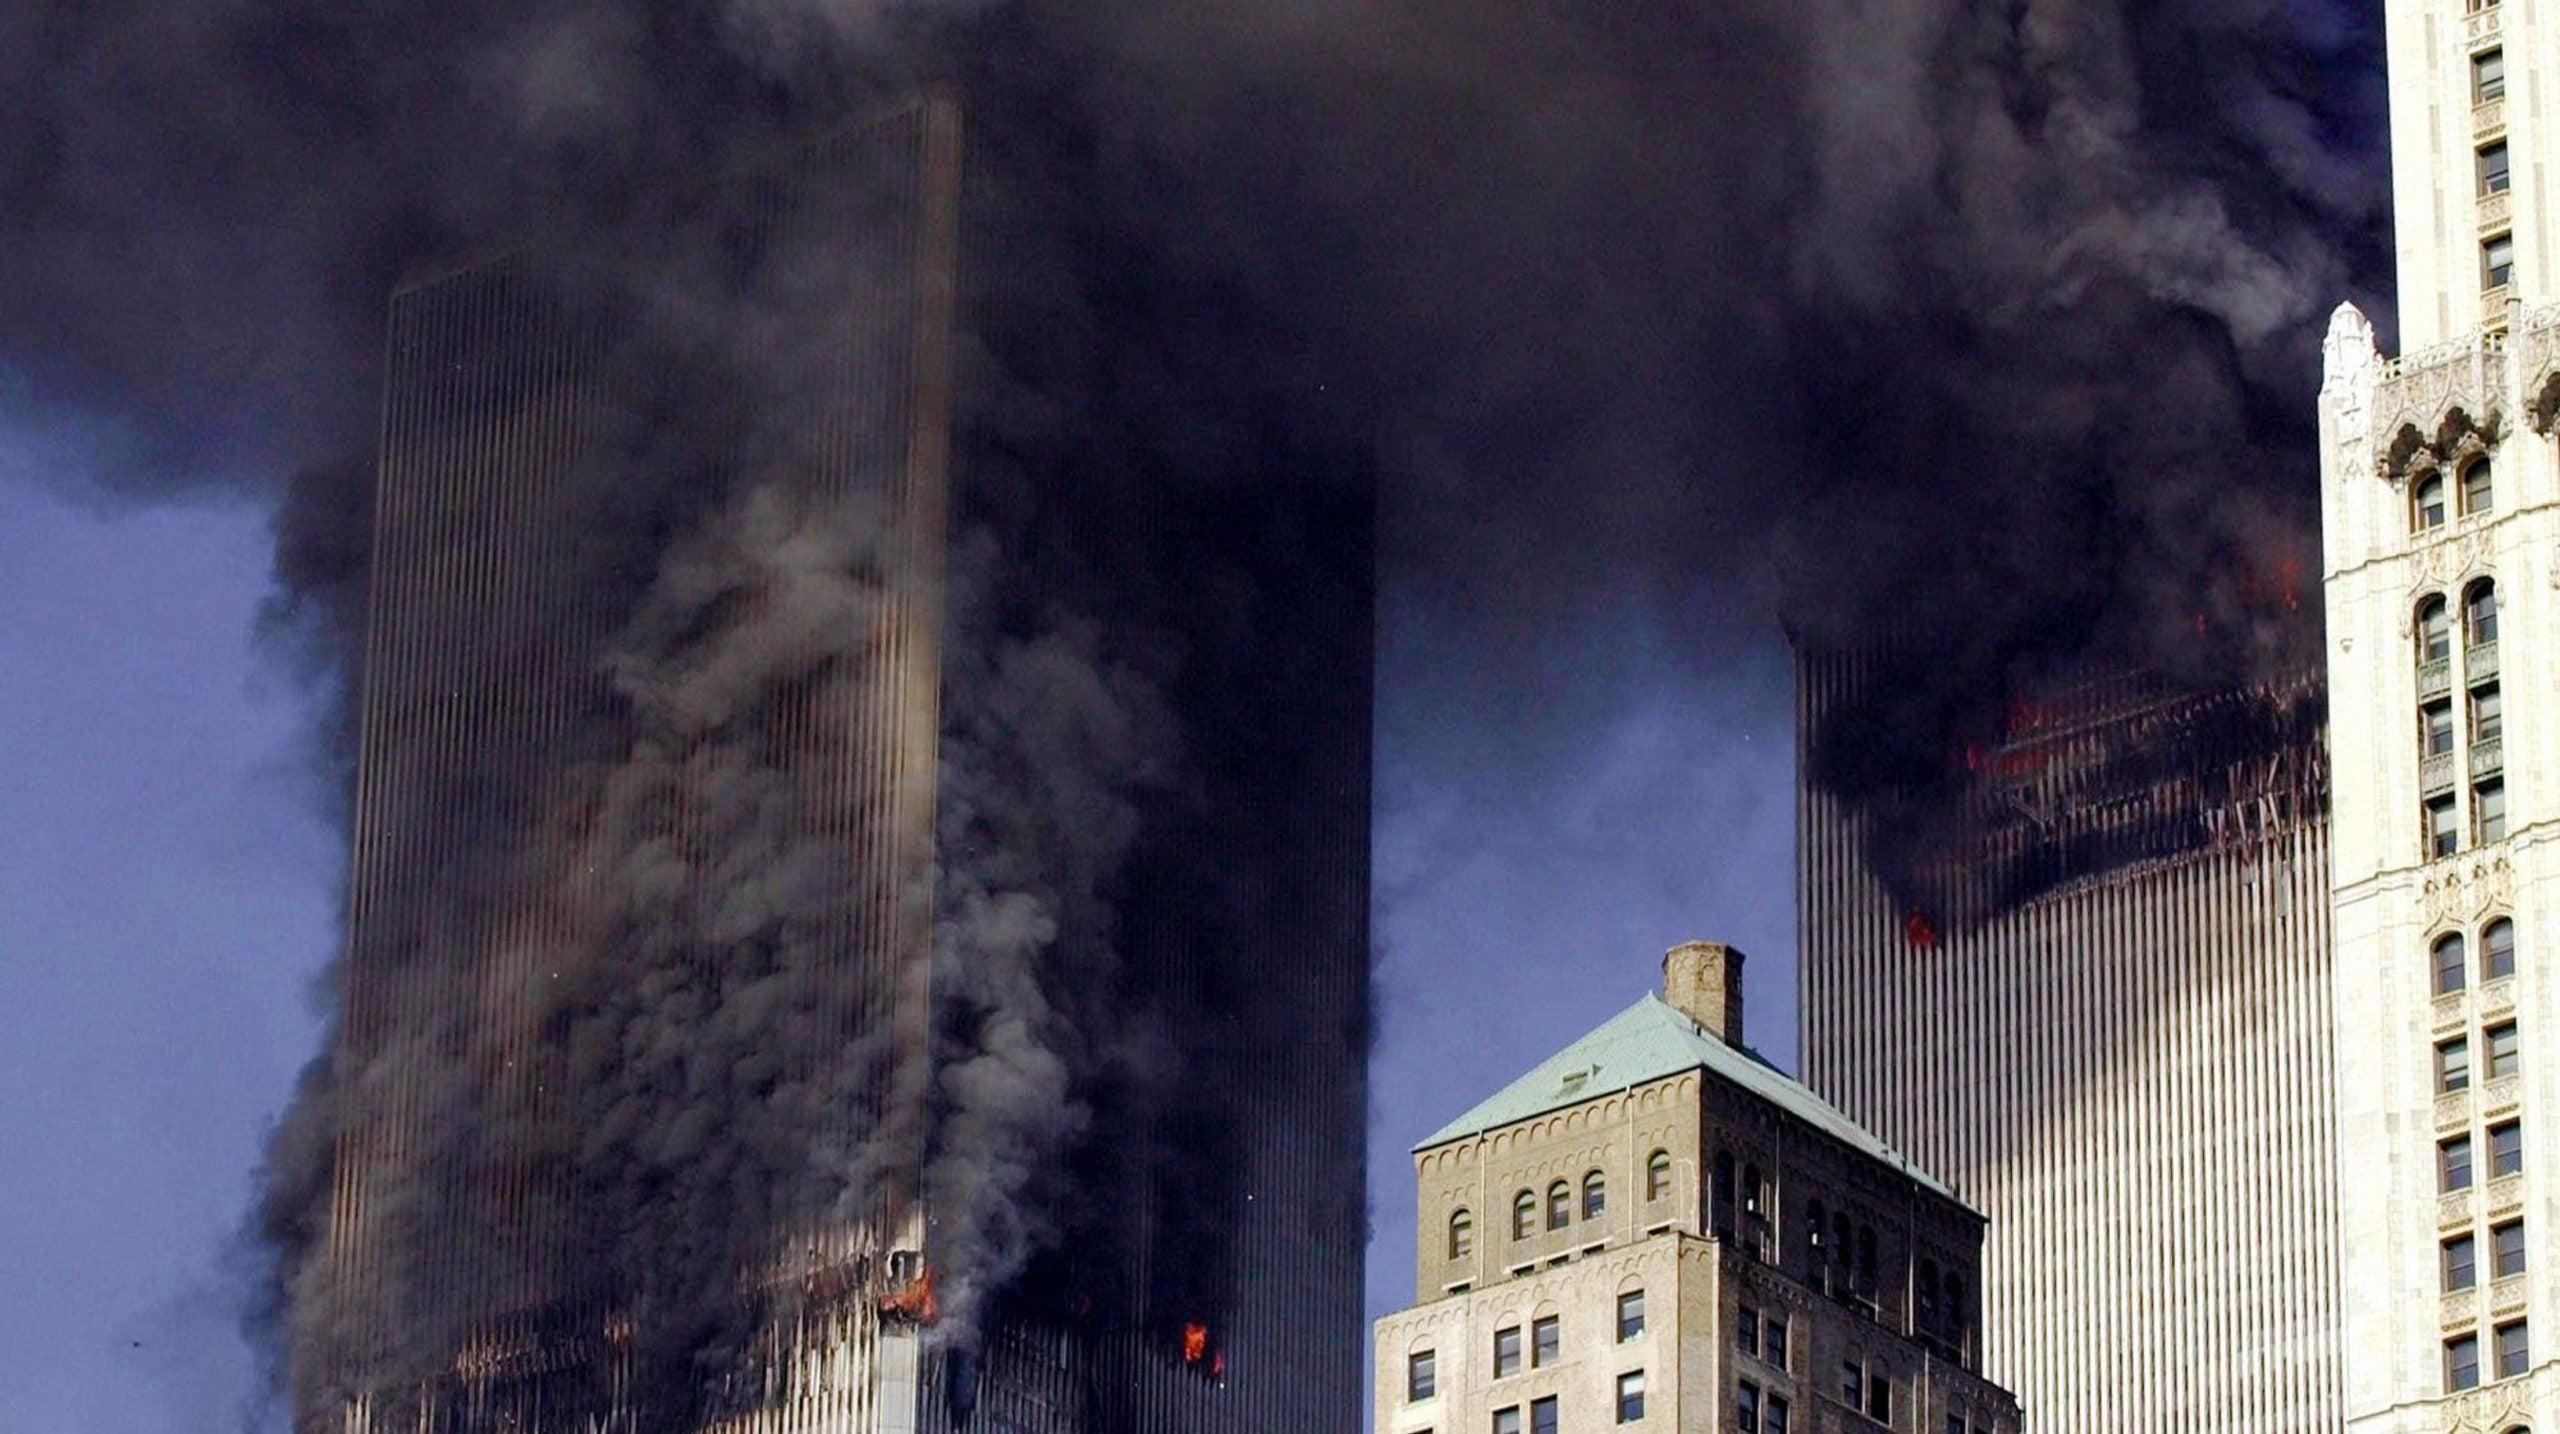 Reacciones internacionales atentados 11 septiembre